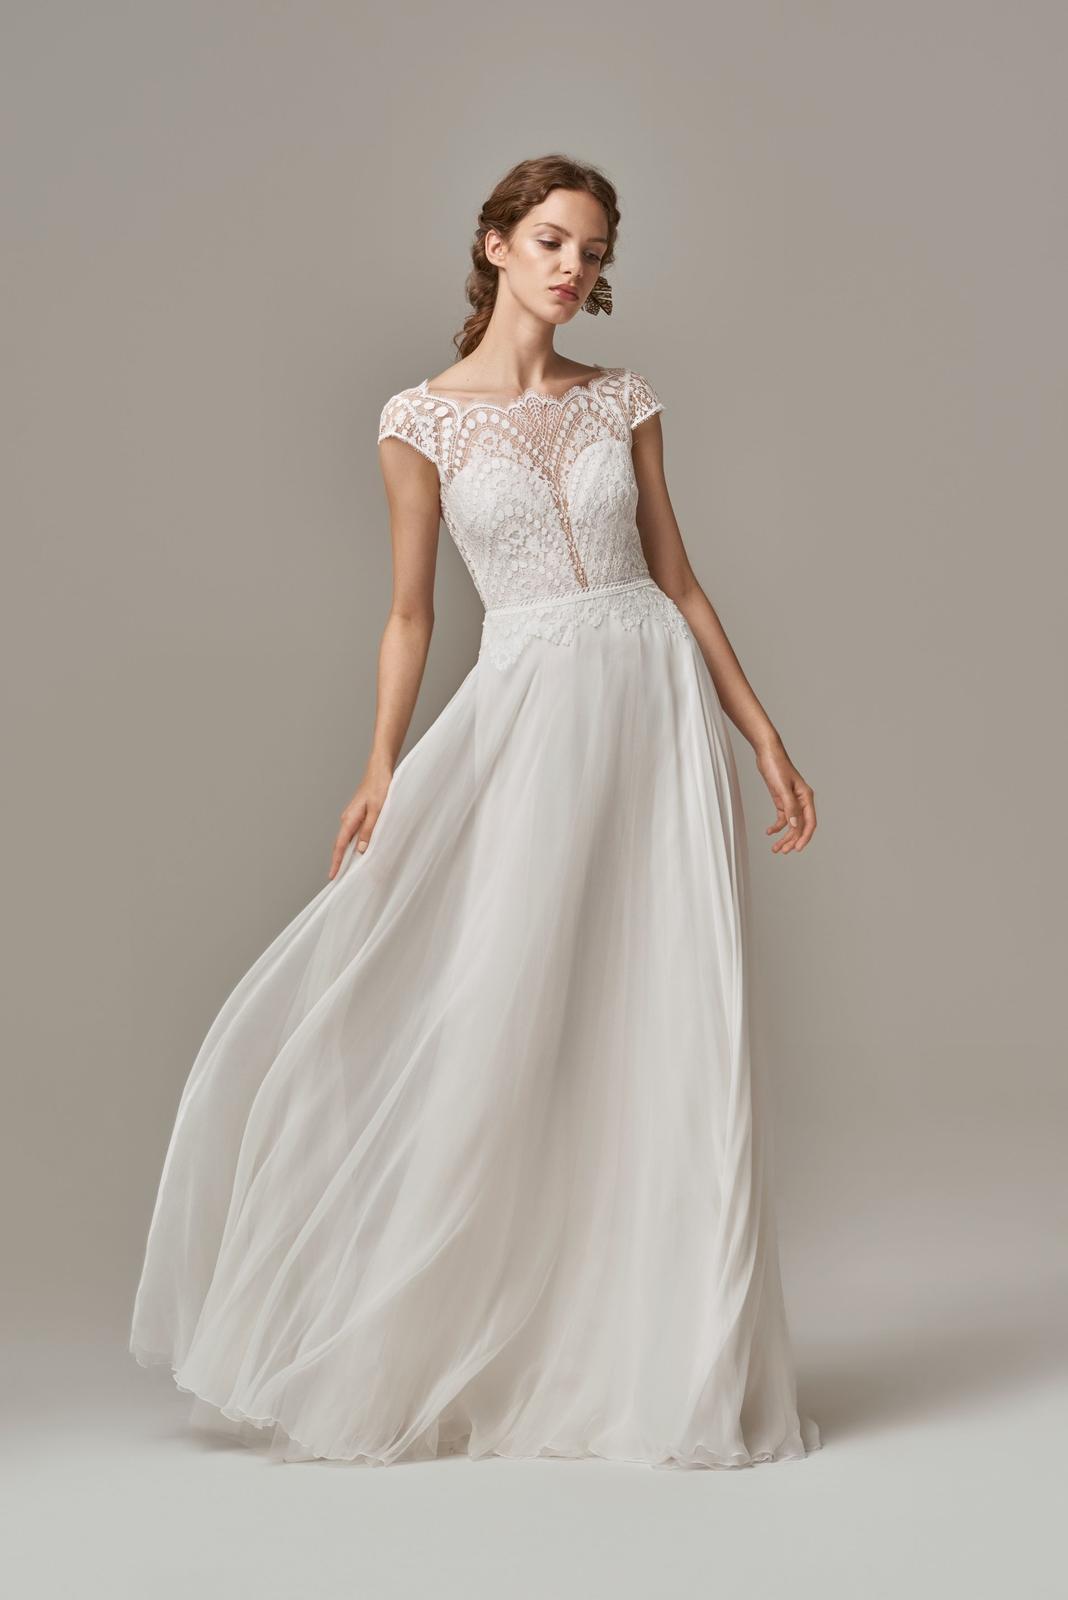 Anna Kara * Svadobné šaty z kolekcií na rok 2019 - Obrázok č. 4